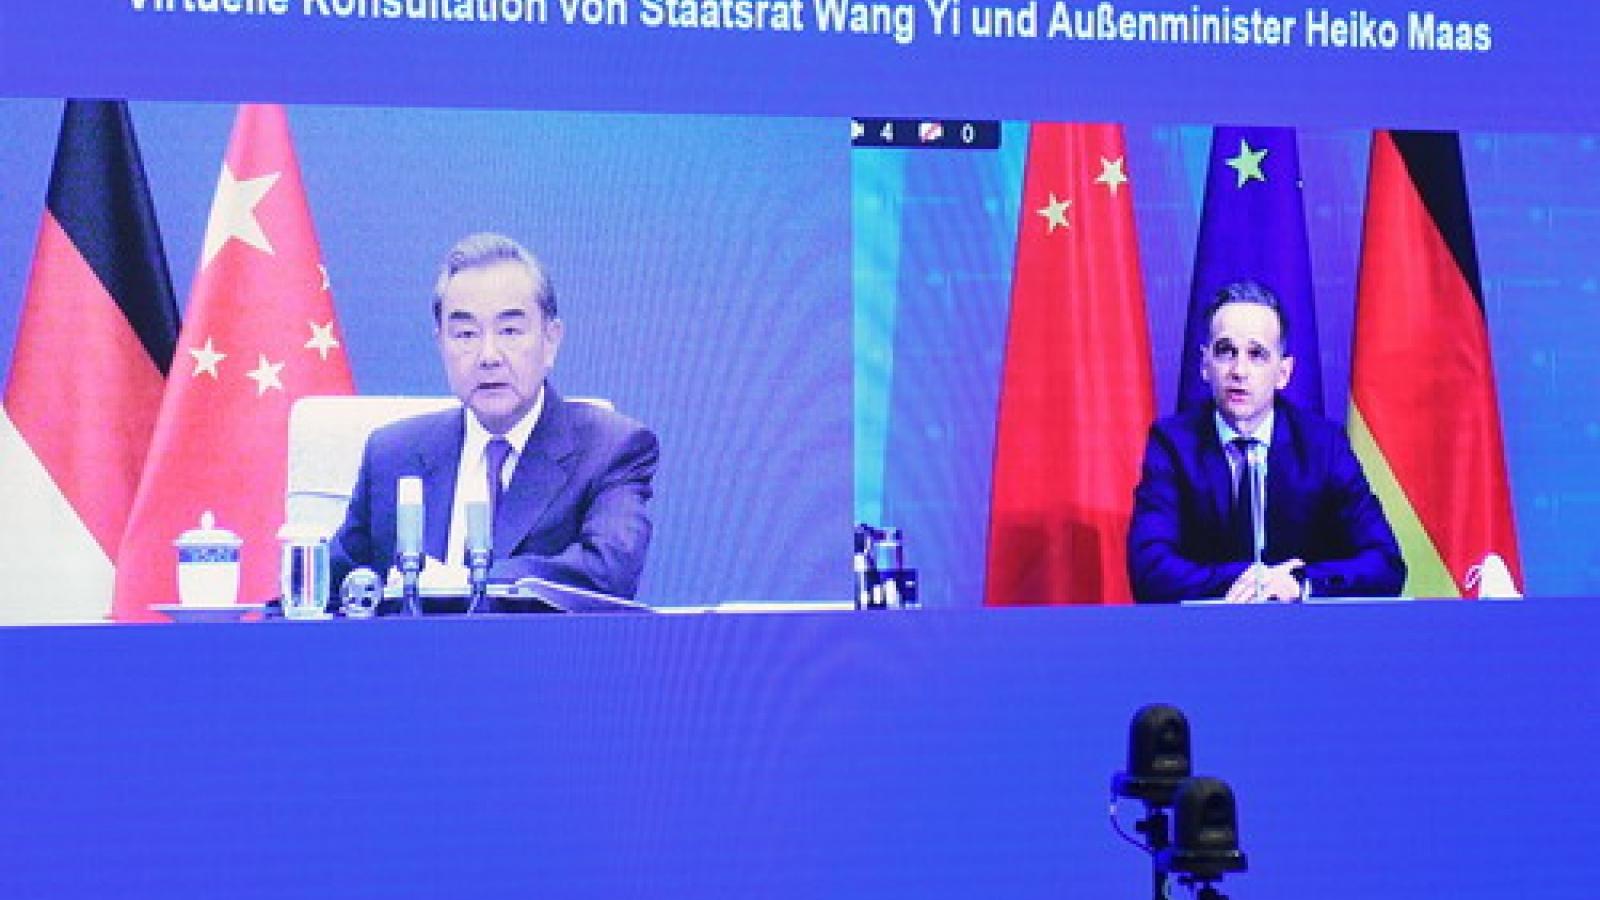 """Trung Quốc kêu gọi Đức tẩy chay """"tách rời"""" và duy trì chuỗi cung ứng toàn cầu thông suốt"""